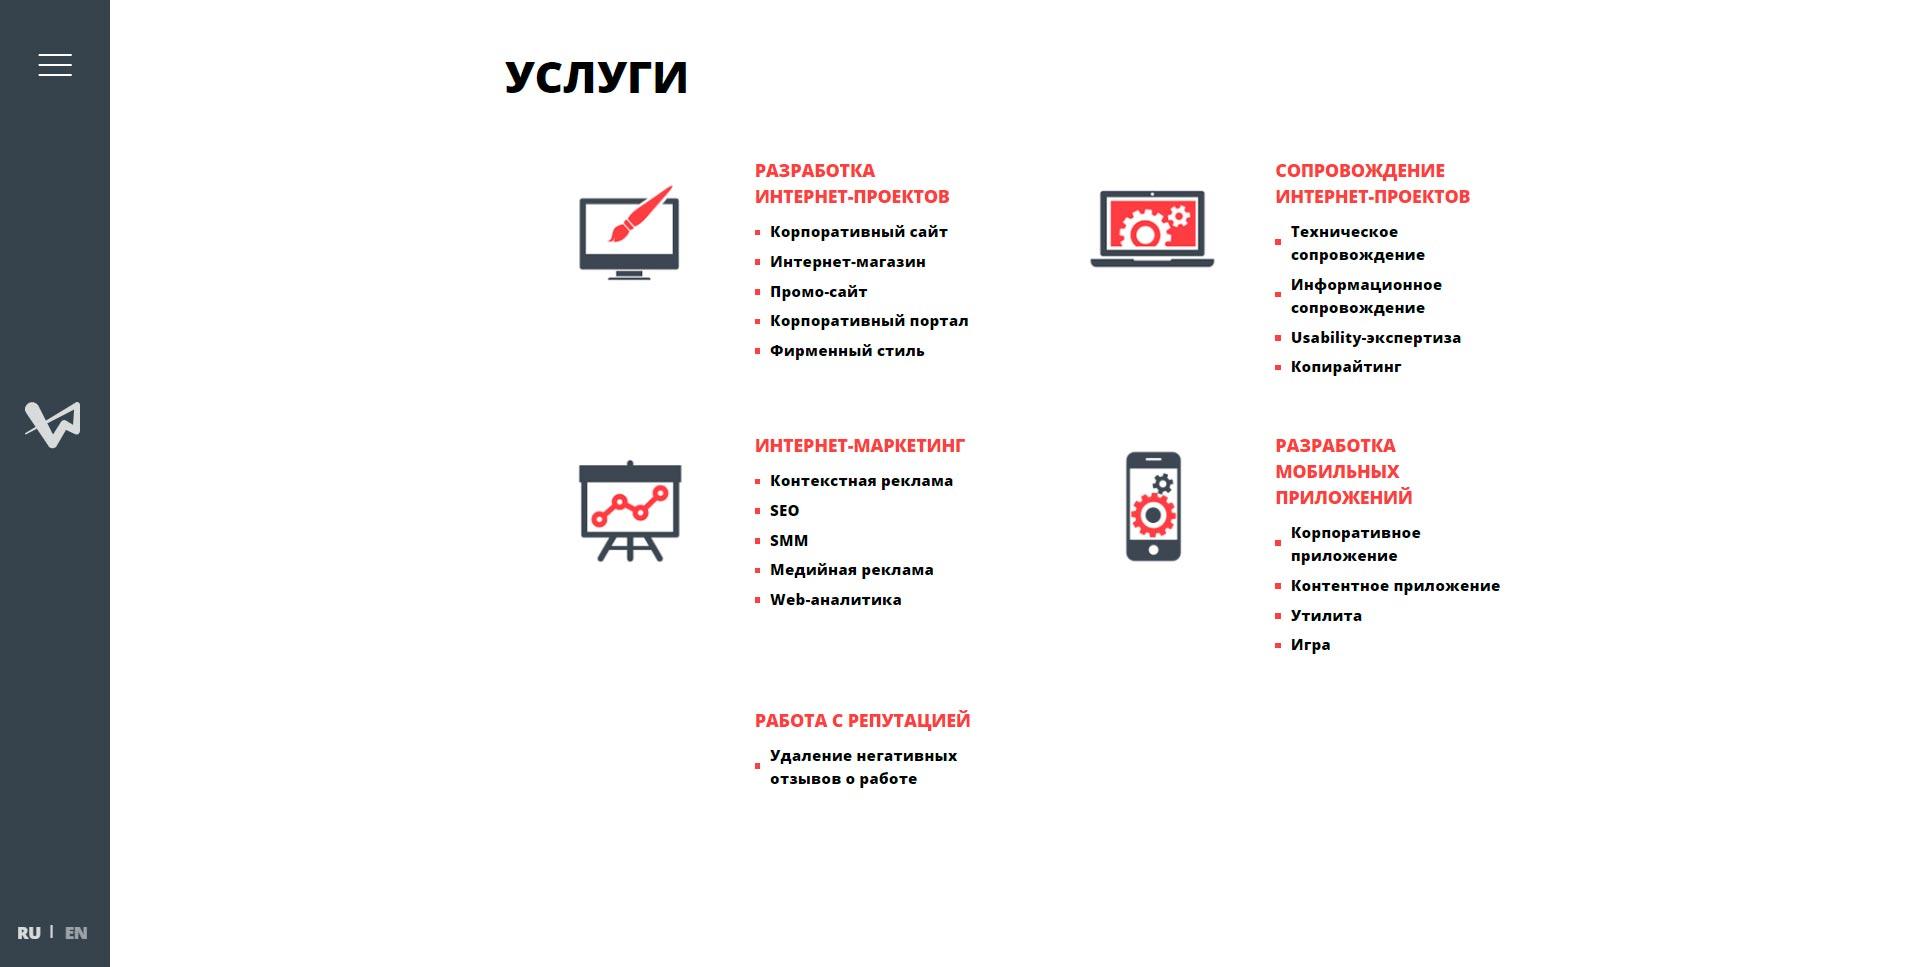 Web Solutions Factory - обзор компании, услуги, отзывы, клиенты, Фото № 2 - google-seo.pro